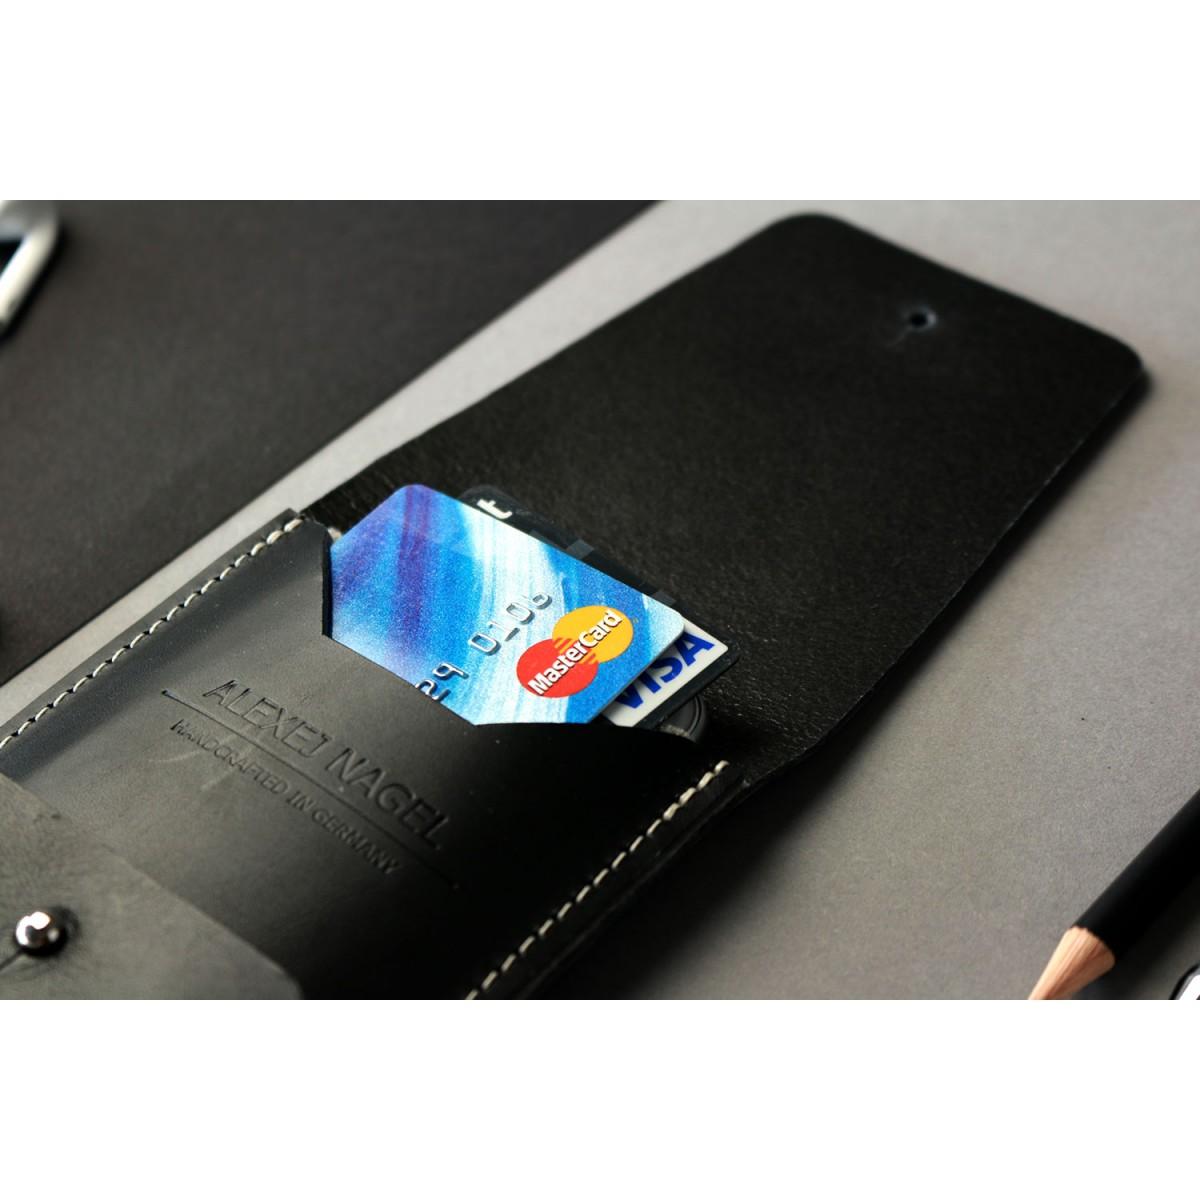 Alexej Nagel Elegante iPhone 6 / 6S Hülle aus Premiumleder - Schwarz [BL]